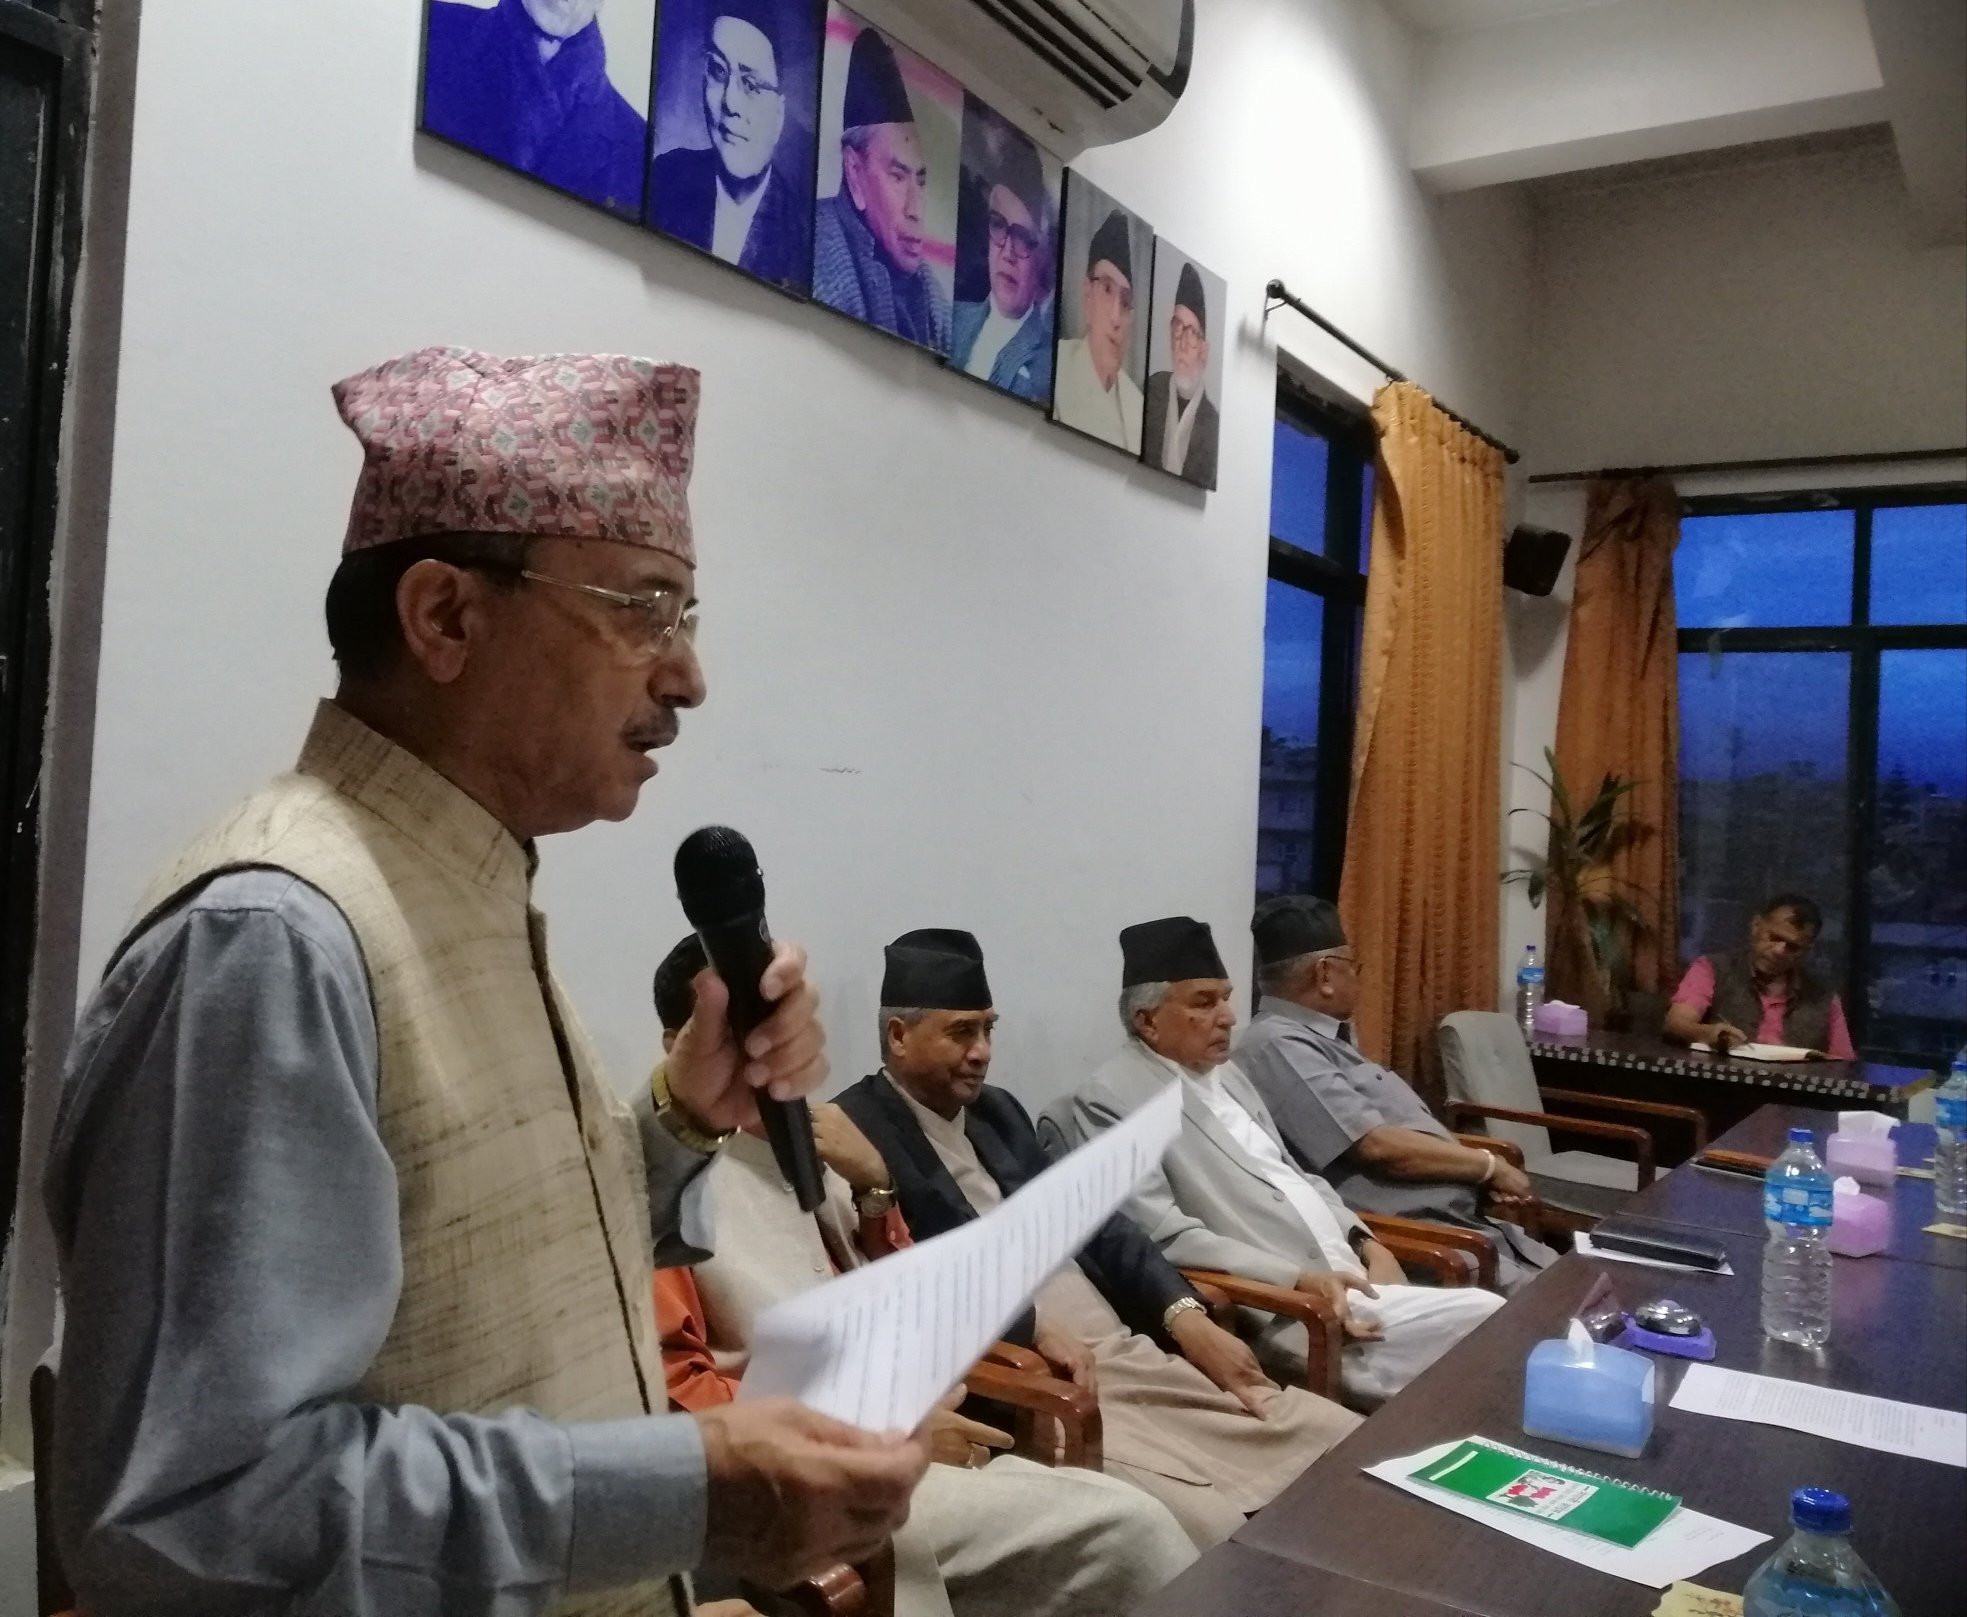 केन्द्रीय समिति बैठकमा एजेन्डा प्रस्तुत गर्दै महामन्त्री पूर्णबहादुर खड्का। तस्वीर: विश्वप्रकाश शर्माको ट्वीट